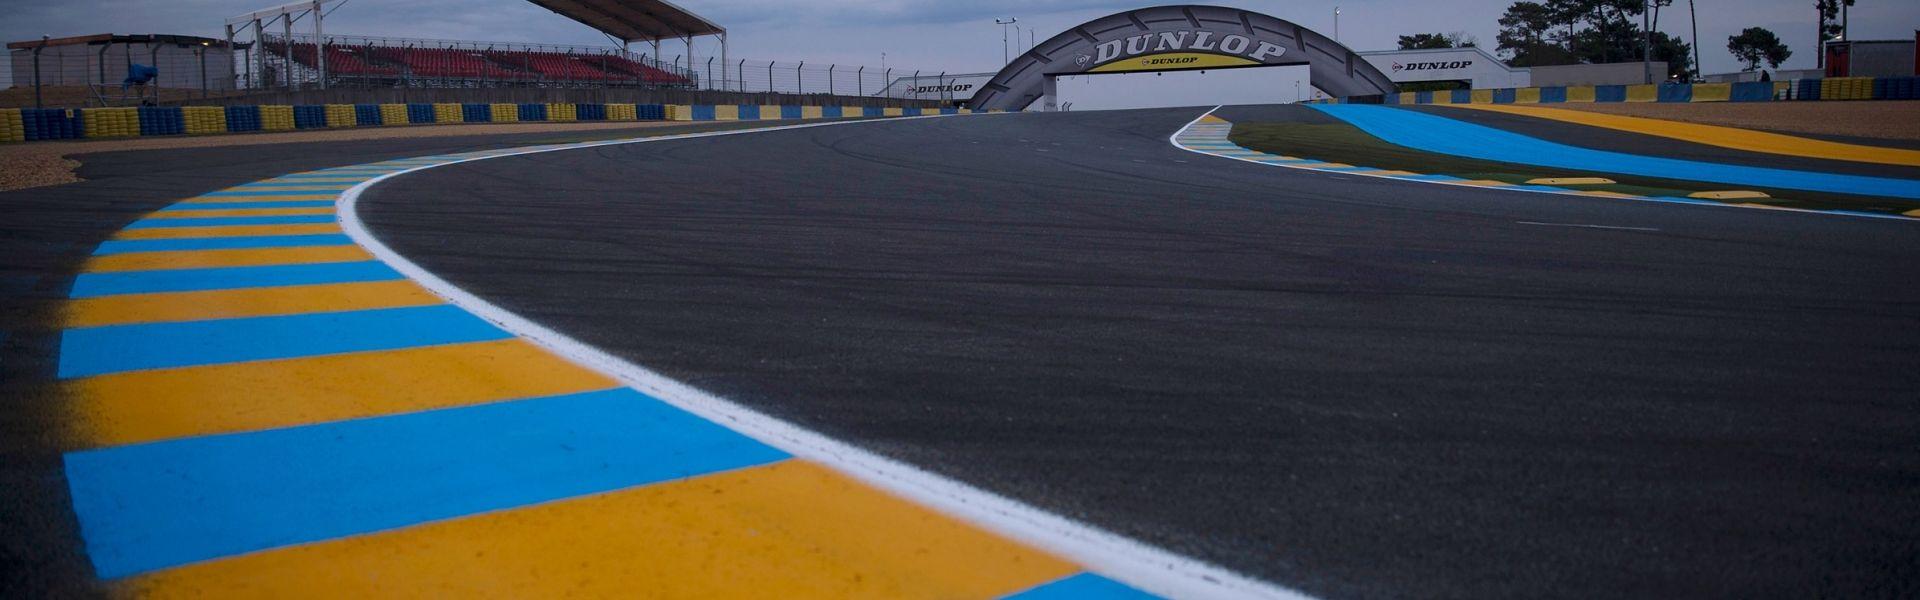 Slider track